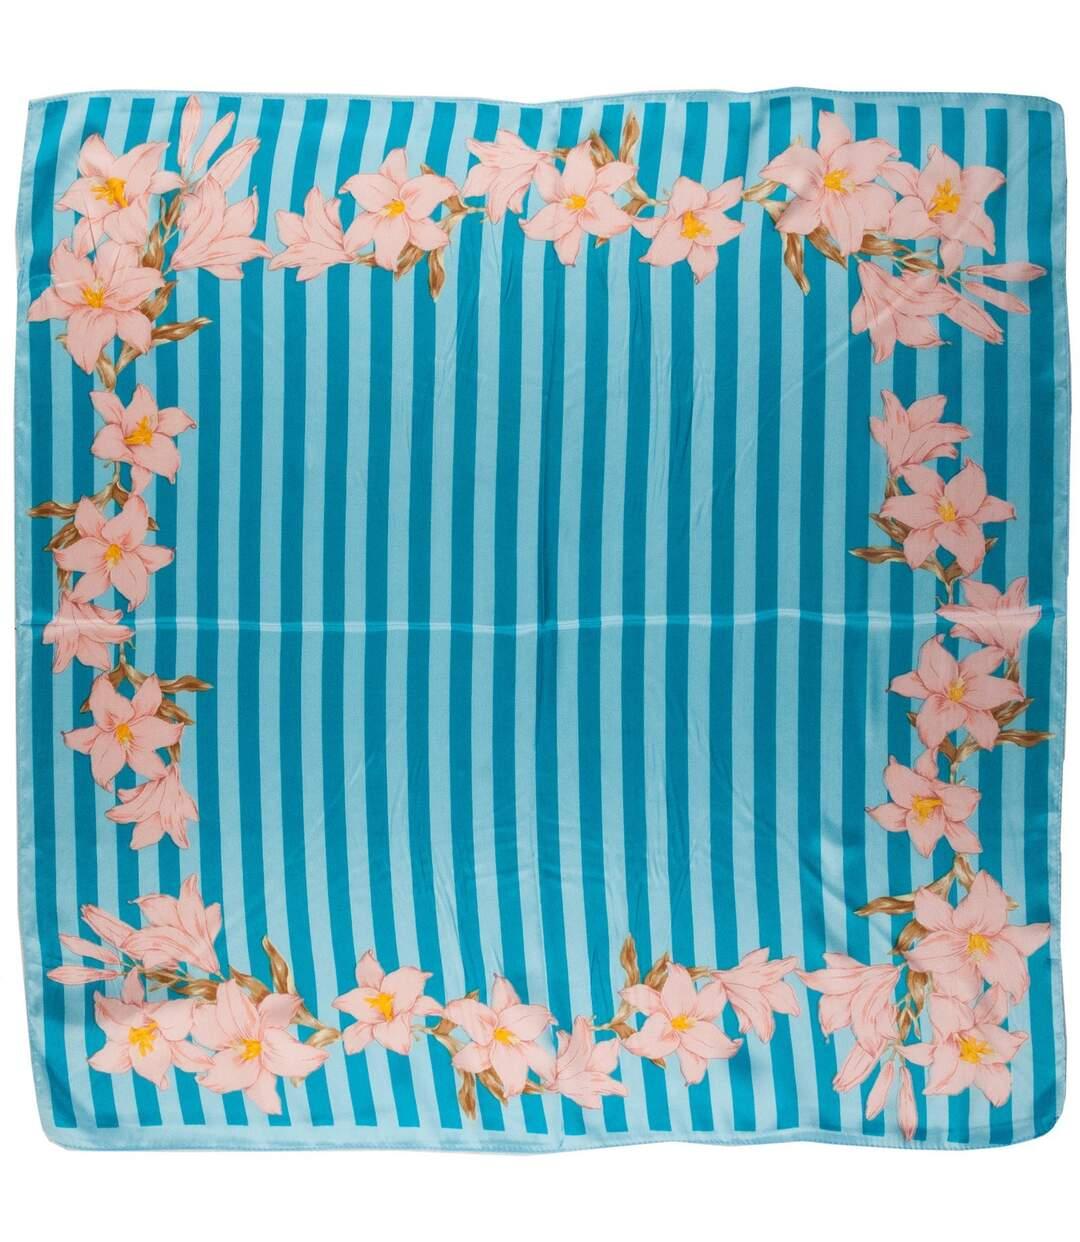 Dégagement Foulard carré Fleurs de vanille dsf.d455nksdKLFHG